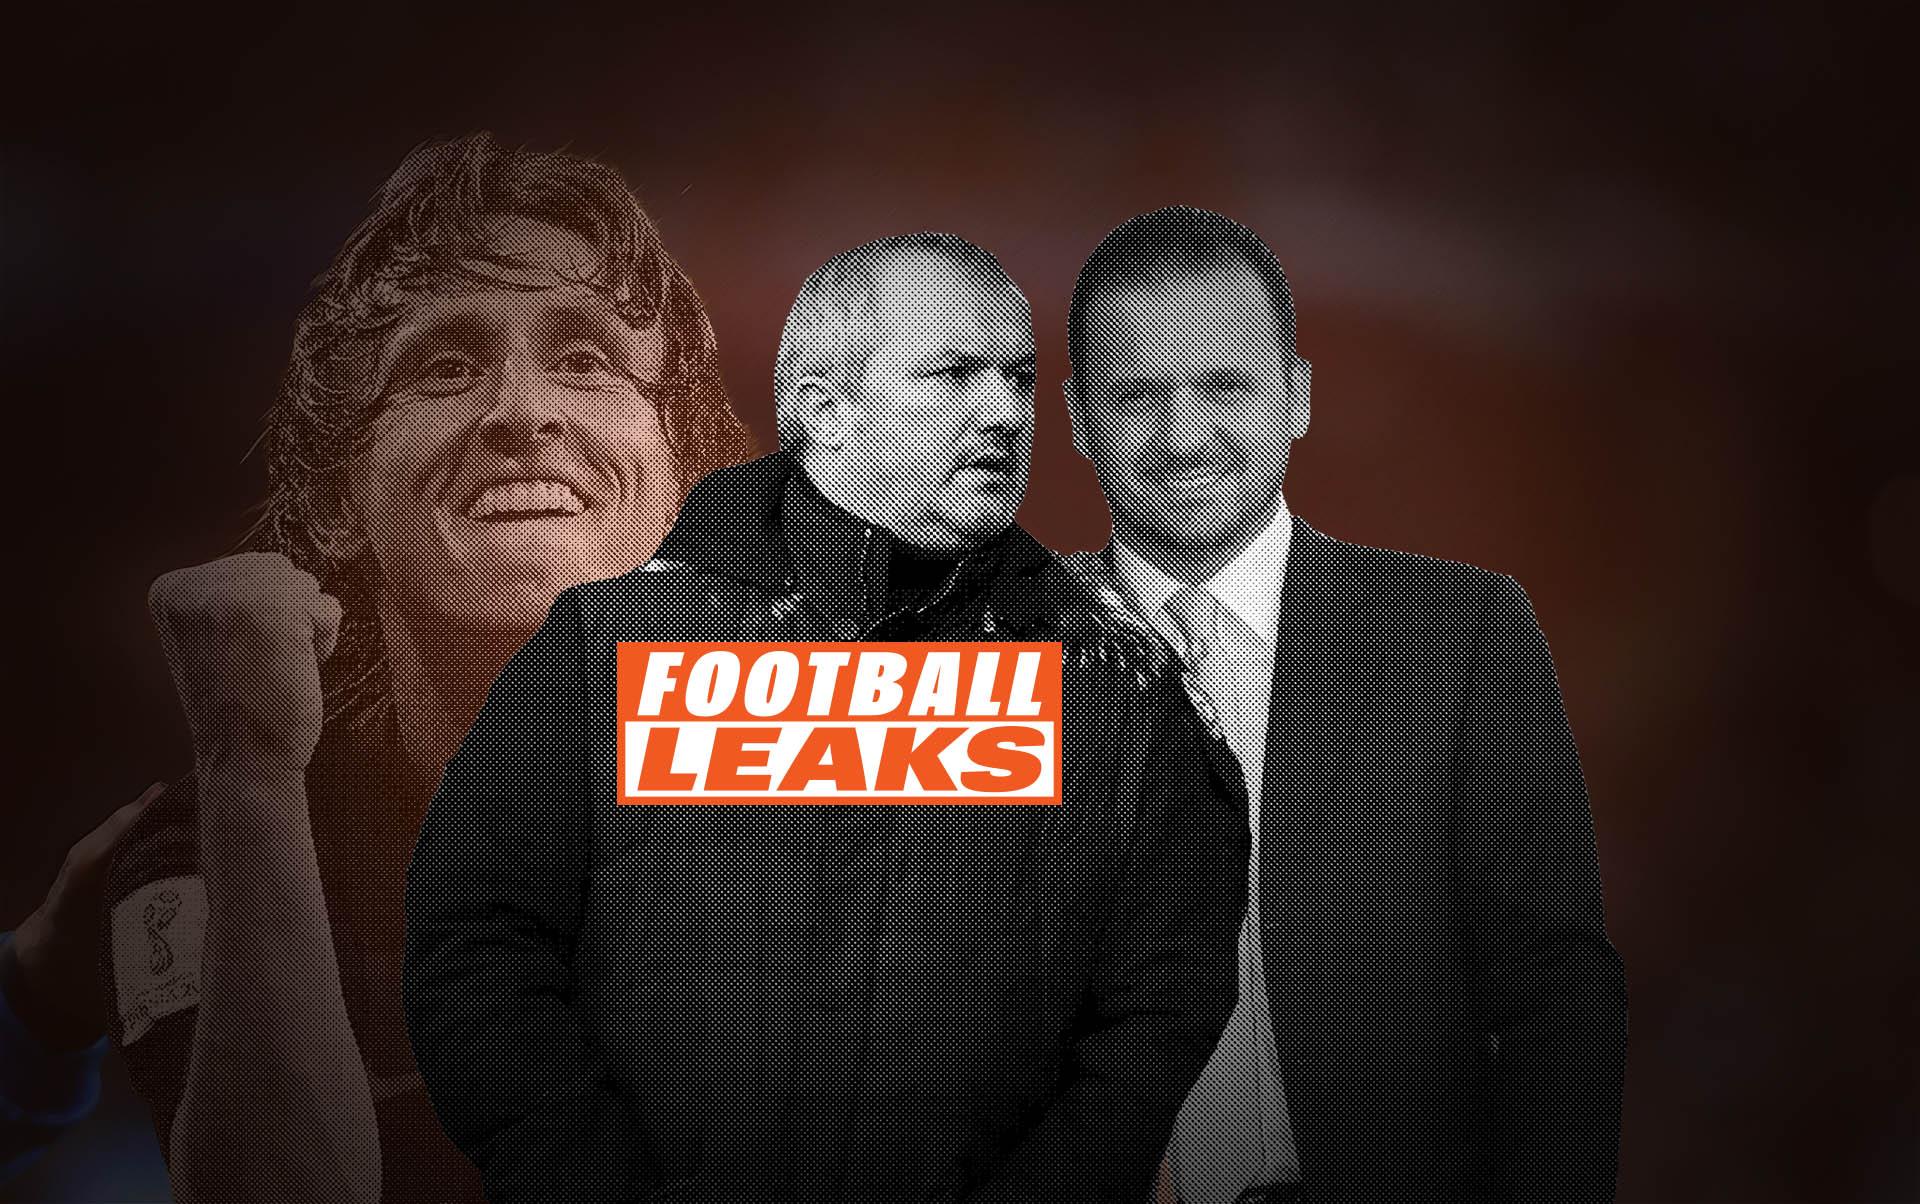 足球解密网:莫德里奇的经纪人涉嫌逃税